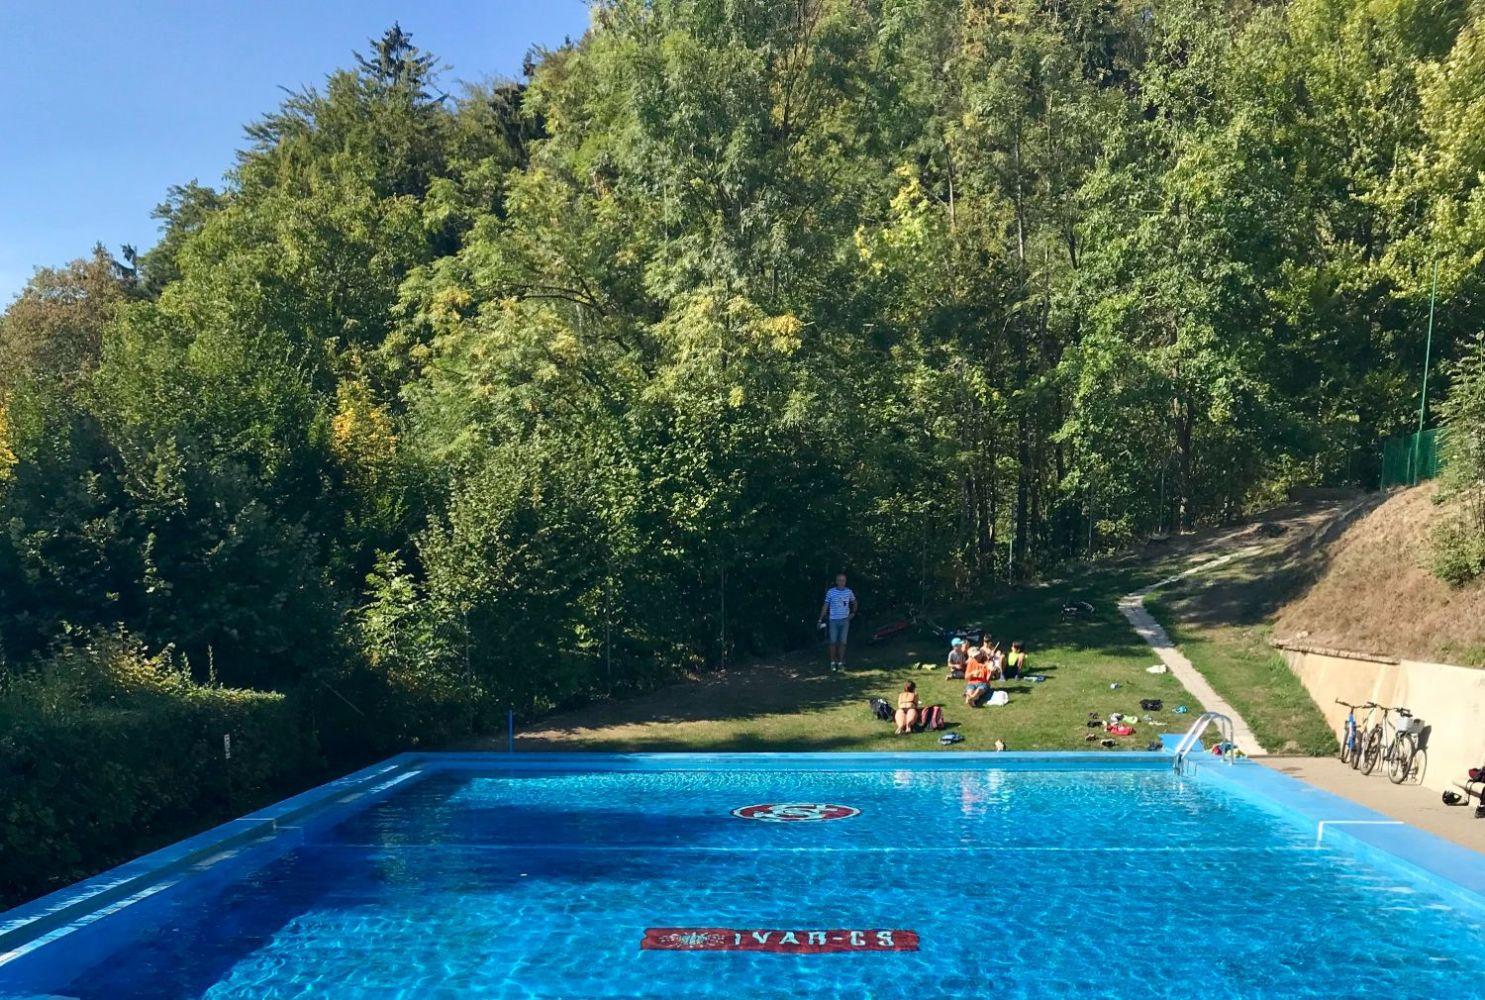 Koupaliště Frýdštejn s průzračnou vodou a zelení